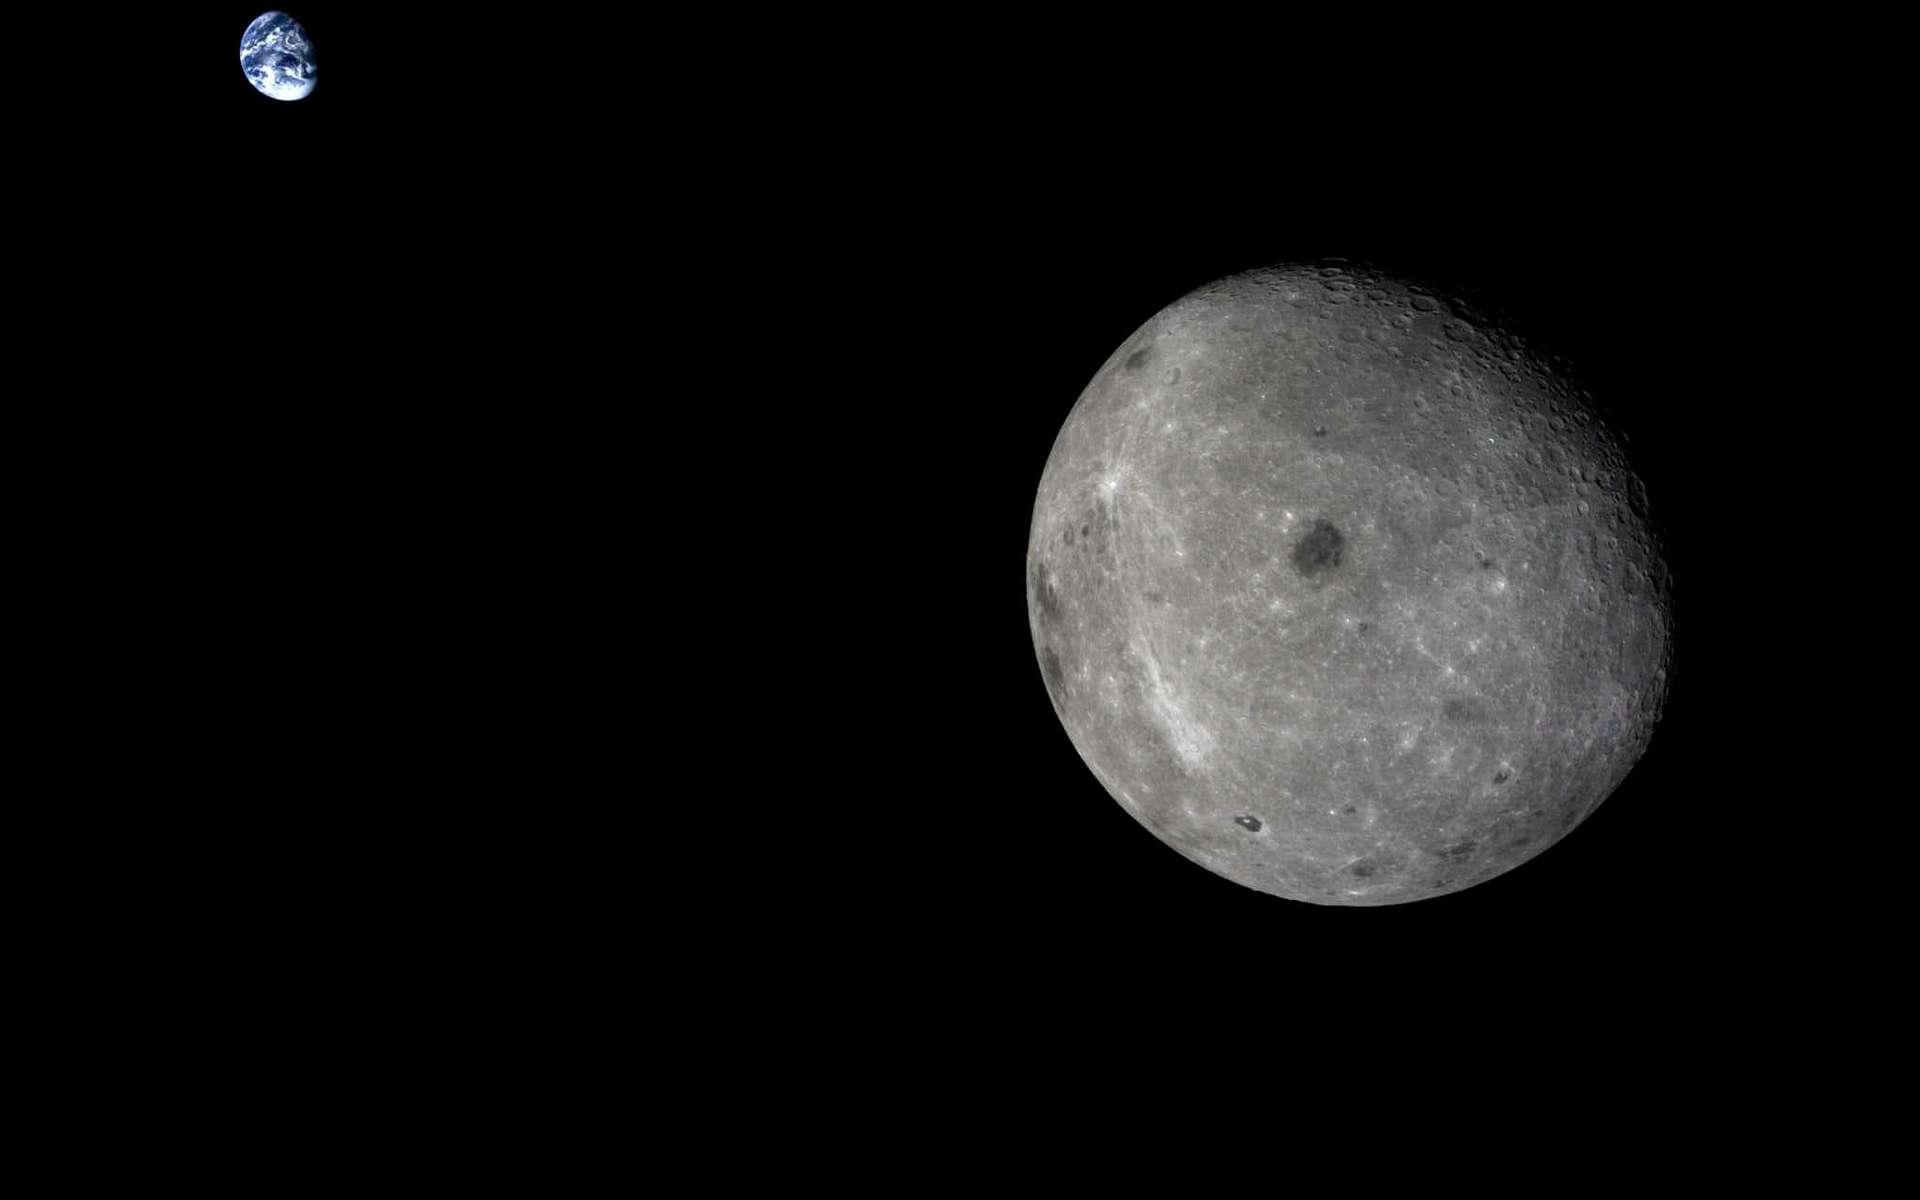 Ce cliché du système Terre-Lune est un des plus beaux acquis par un engin spatial. Nous le devons à Chang'e 5-T1, une sonde chinoise. Il nous montre la Lune sous un angle que nous, Terriens, n'avons pas l'habitude de voir, avec une partie de la face cachée. Un œil exercé reconnaîtra bon nombre des cratères d'impact, dont Tycho (le point lumineux à gauche). © CNSA